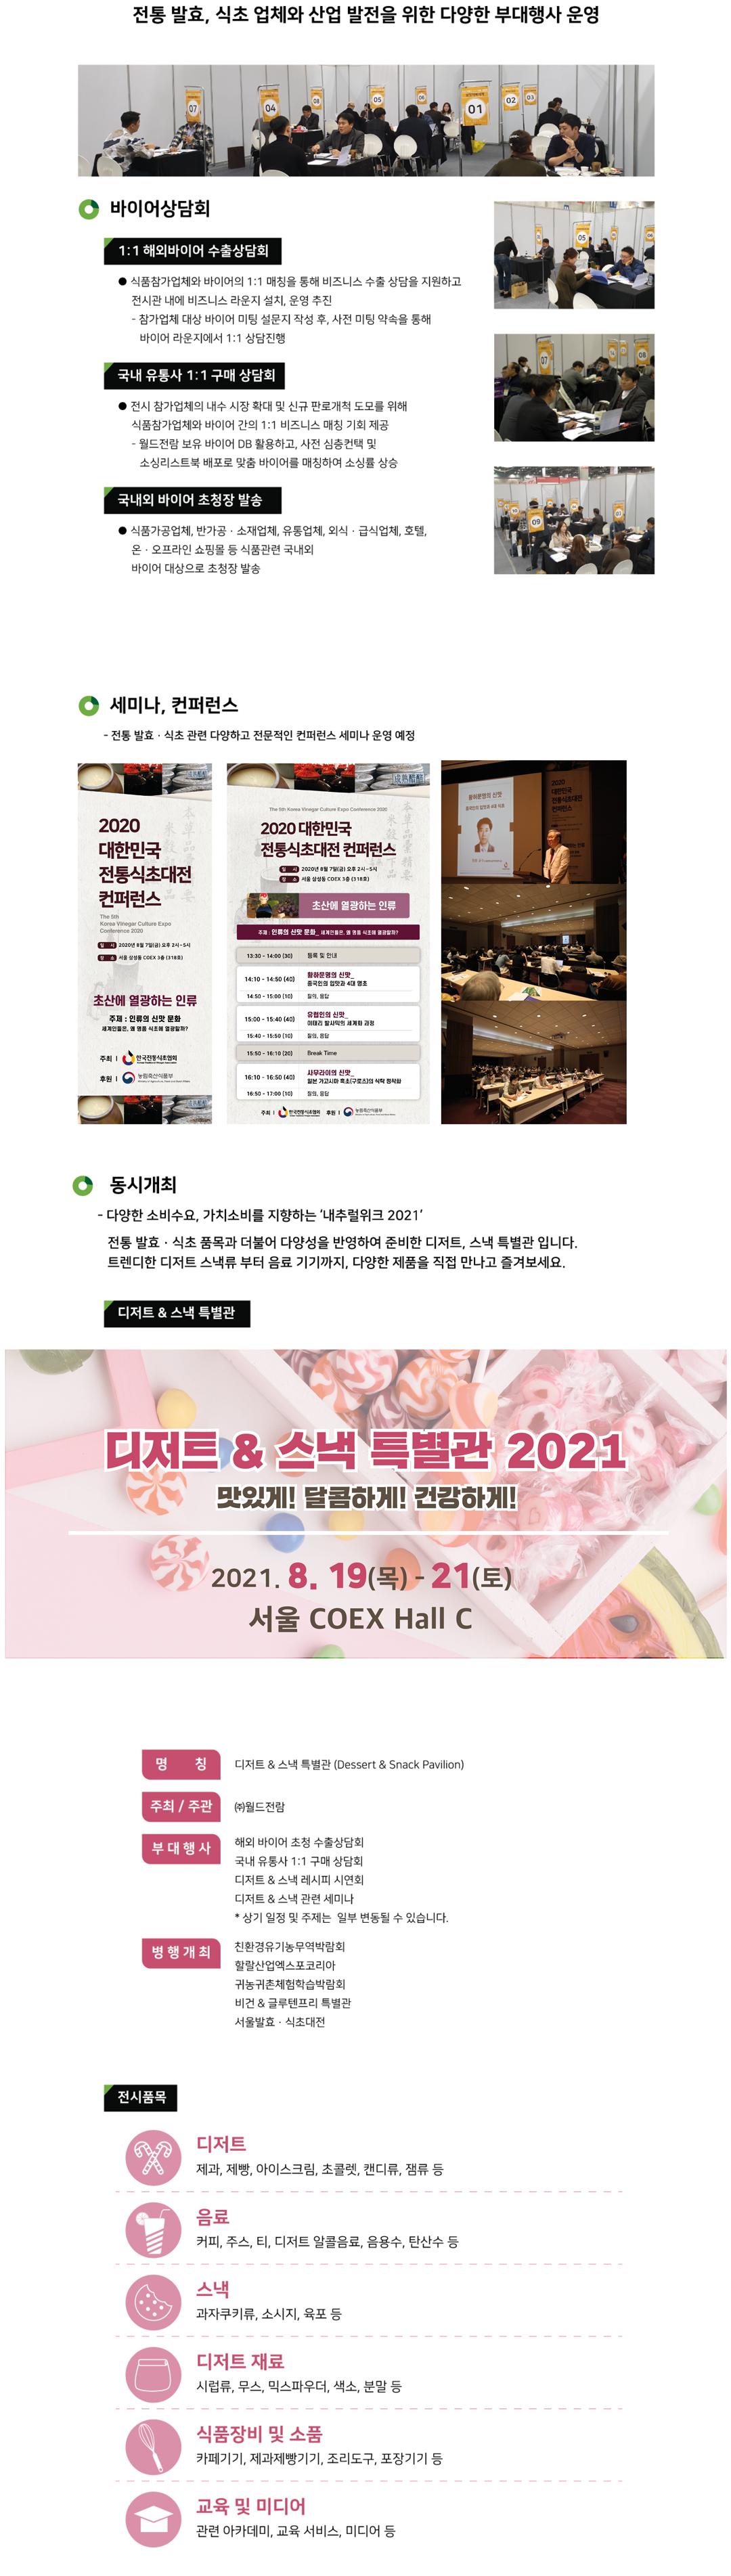 발효-부대행사.png